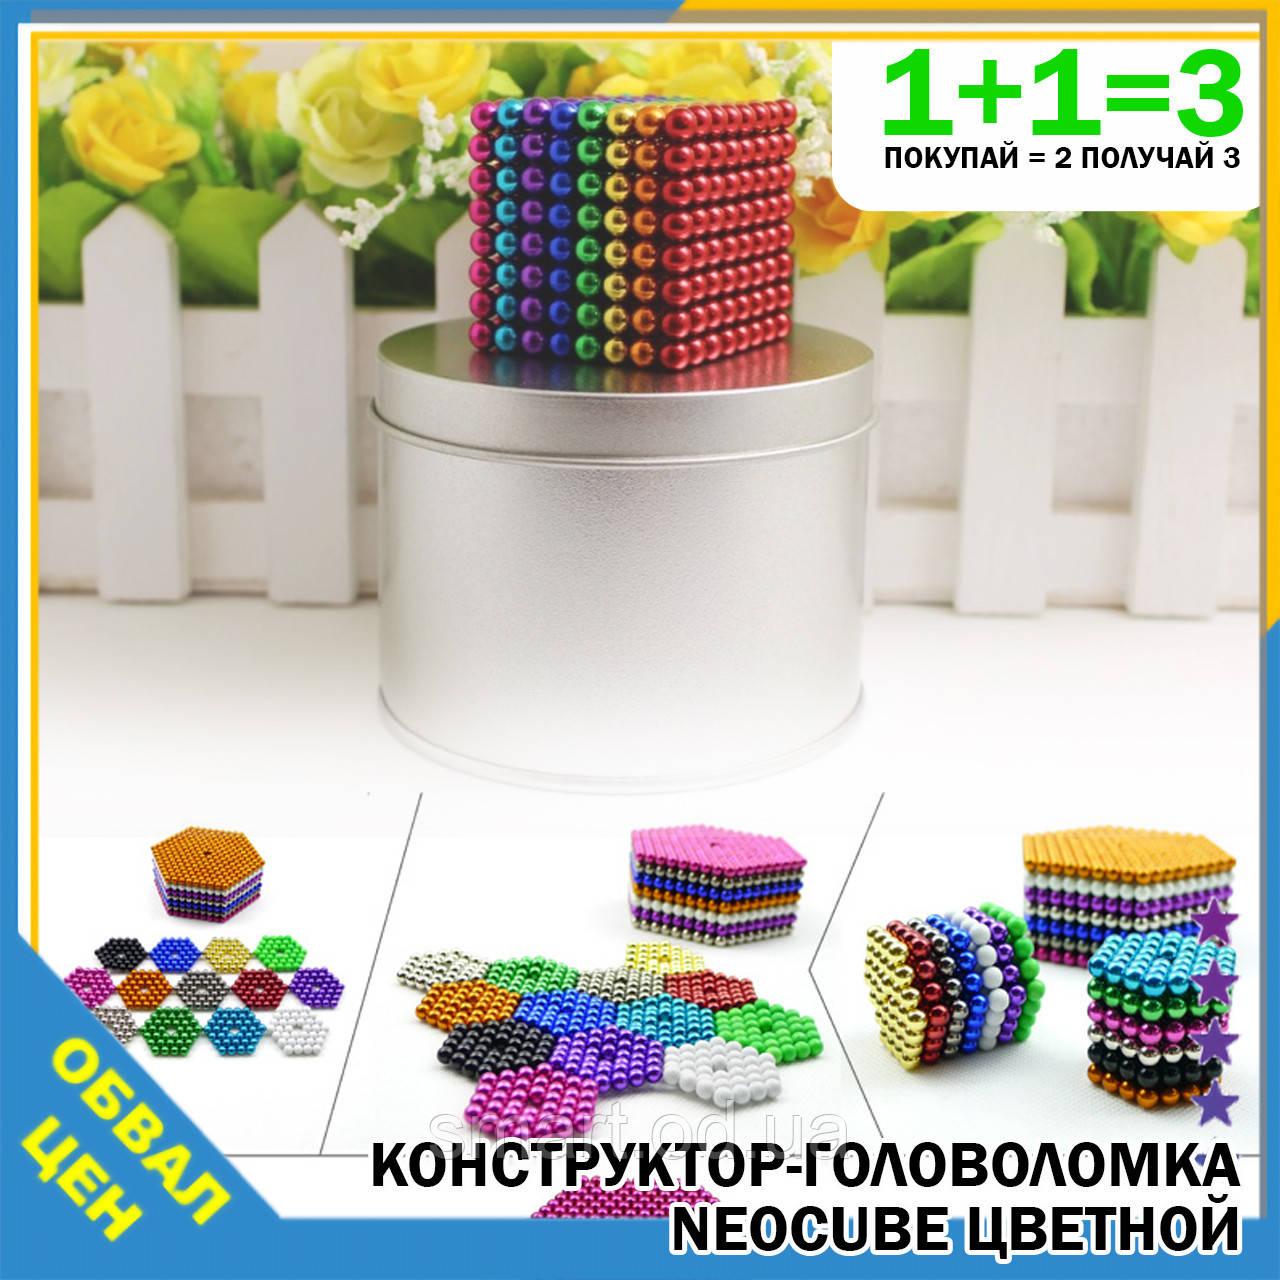 Конструктор головоломка Neocube Радуга 216 неодимовых шариков по 5 мм в боксе магнитный нео куб цветной неокуб